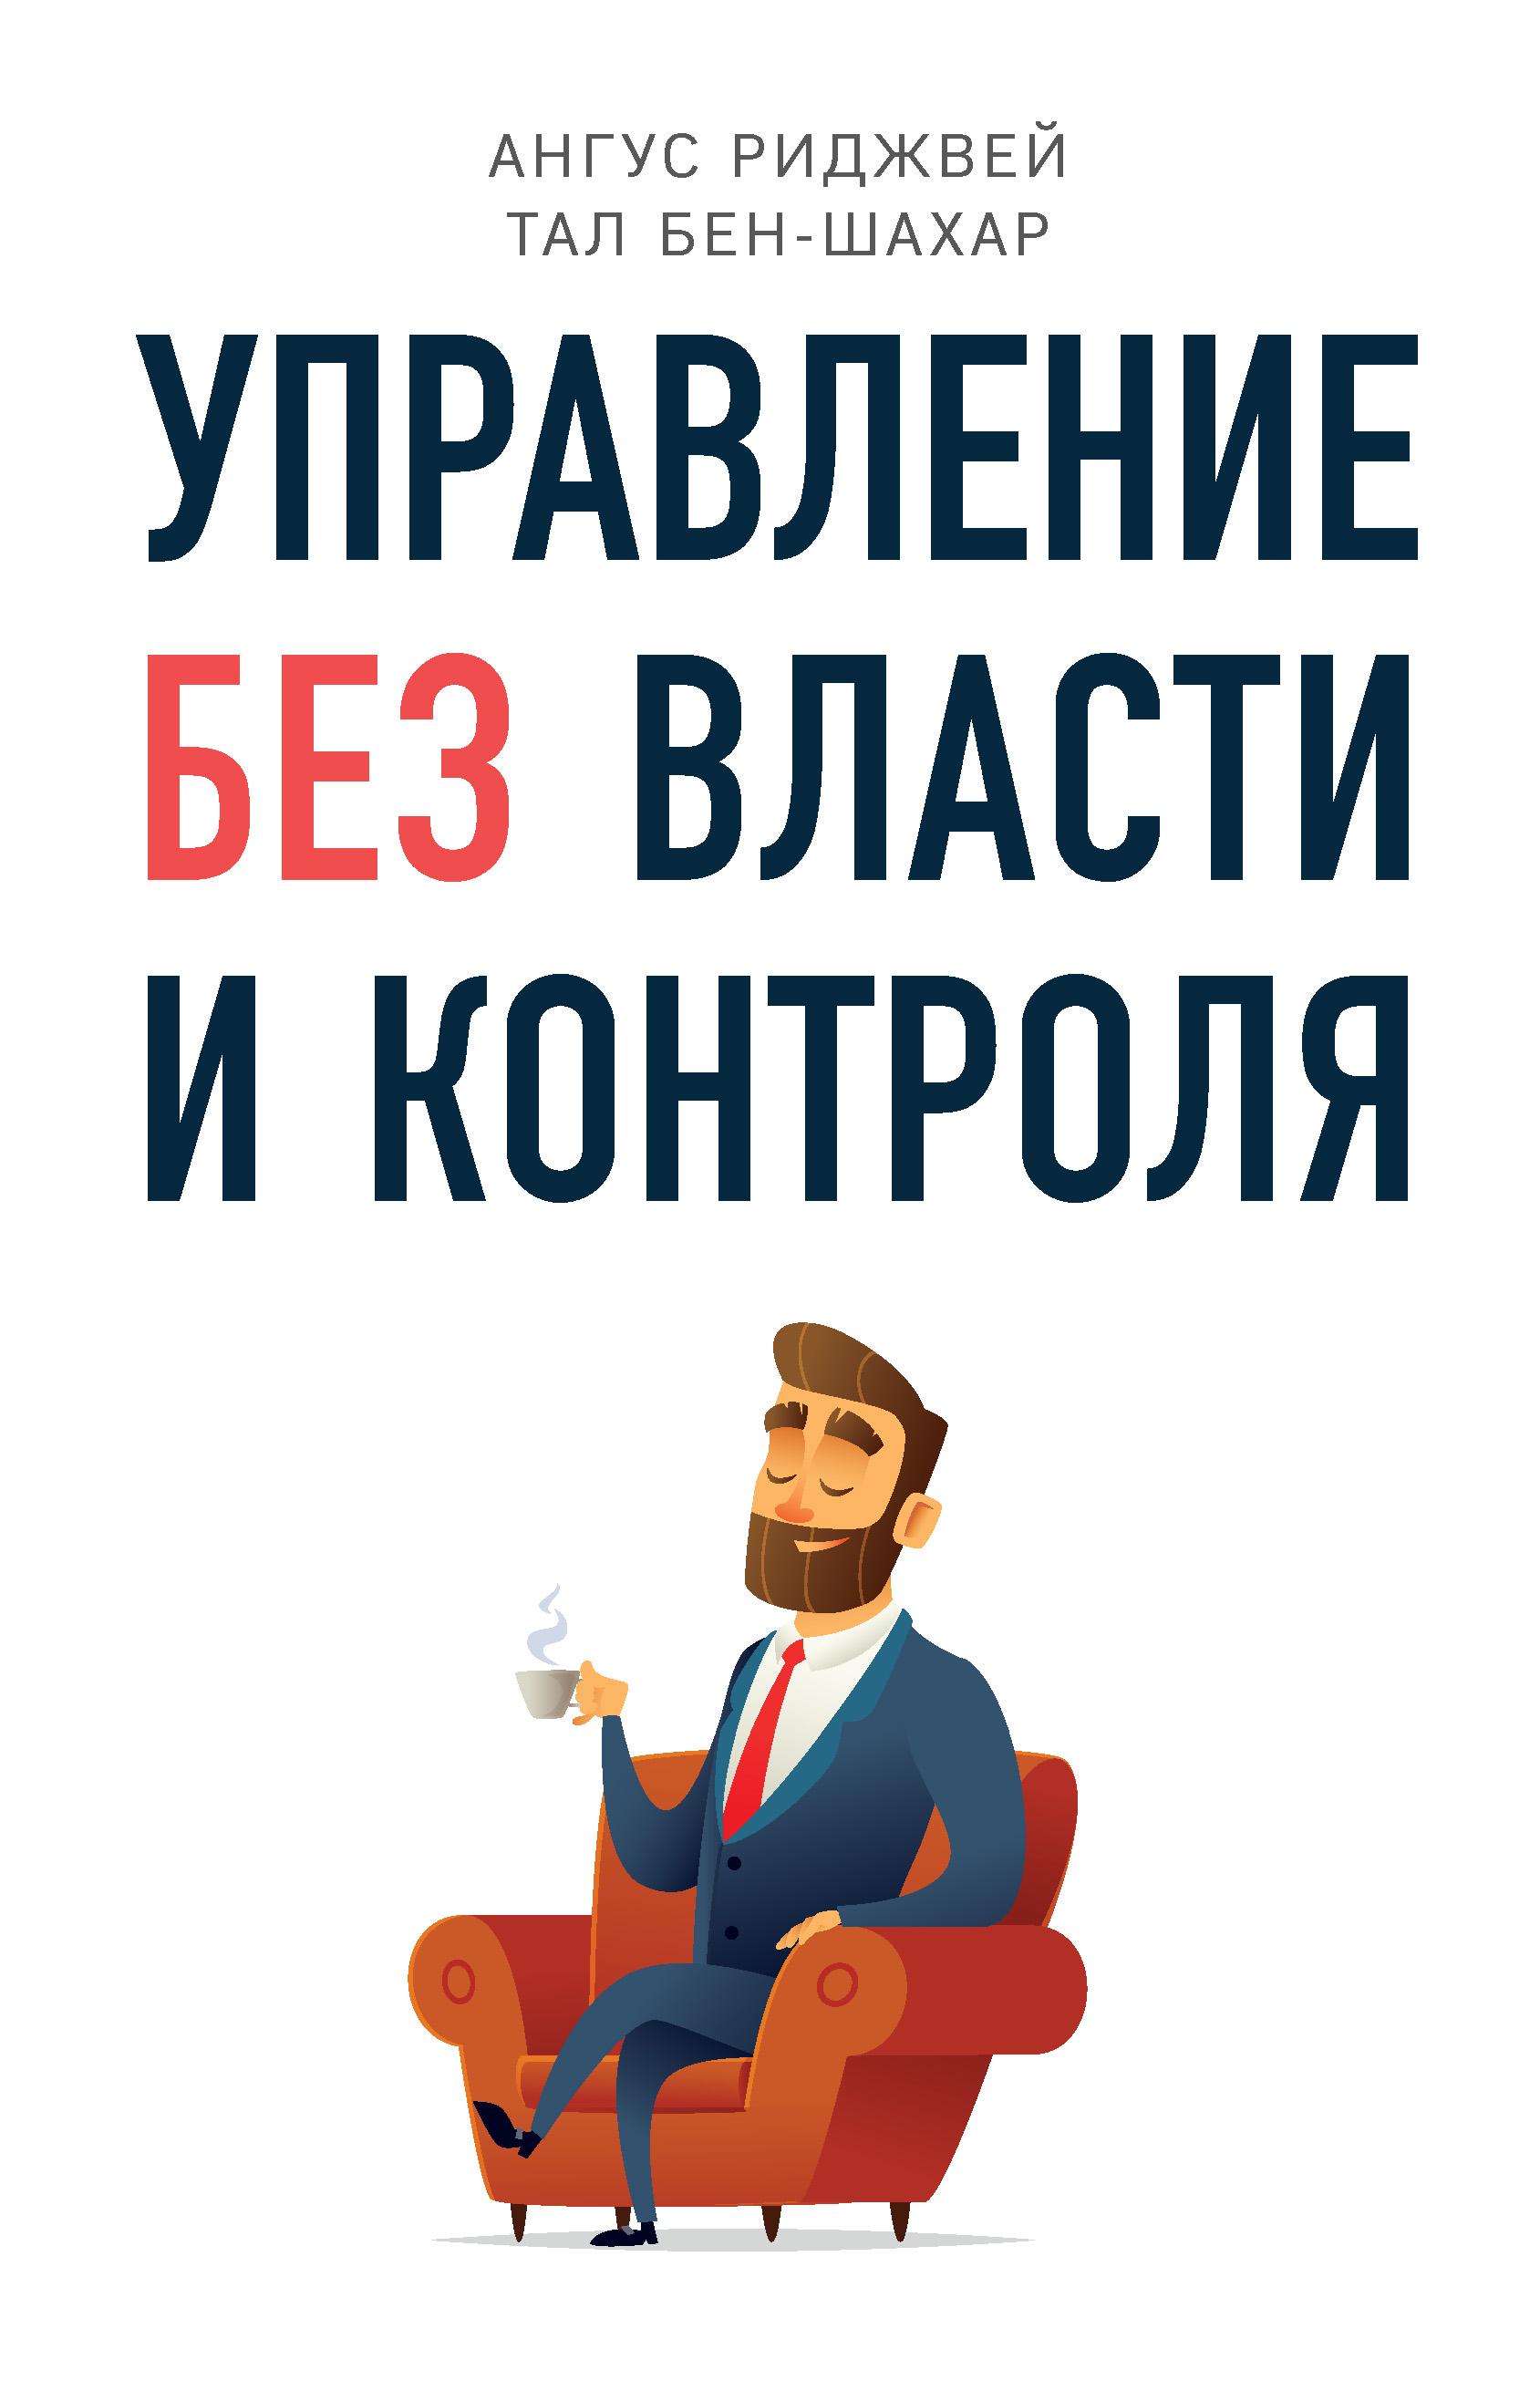 Обложка книги. Автор - Ангус Риджвей